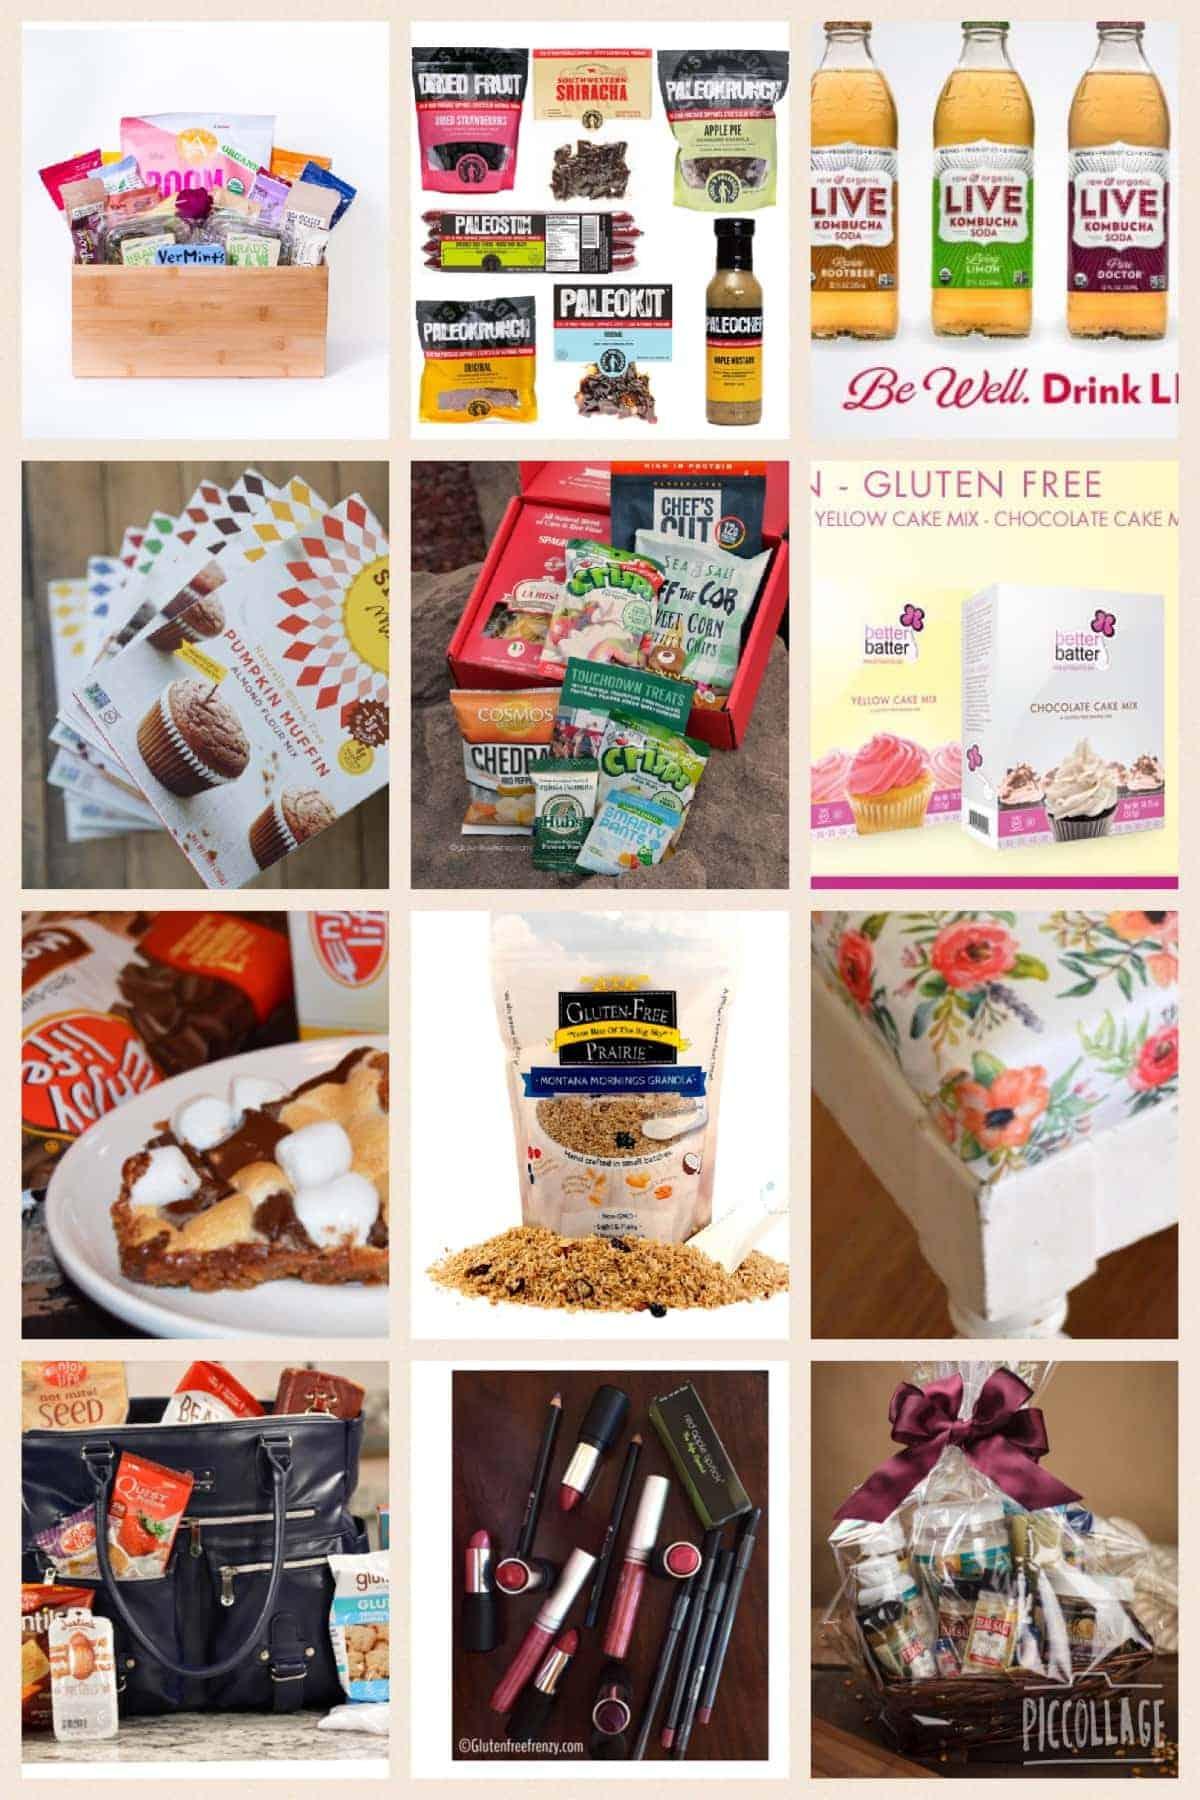 25 Days of Gluten-Free Giveaways™ Winners 2015